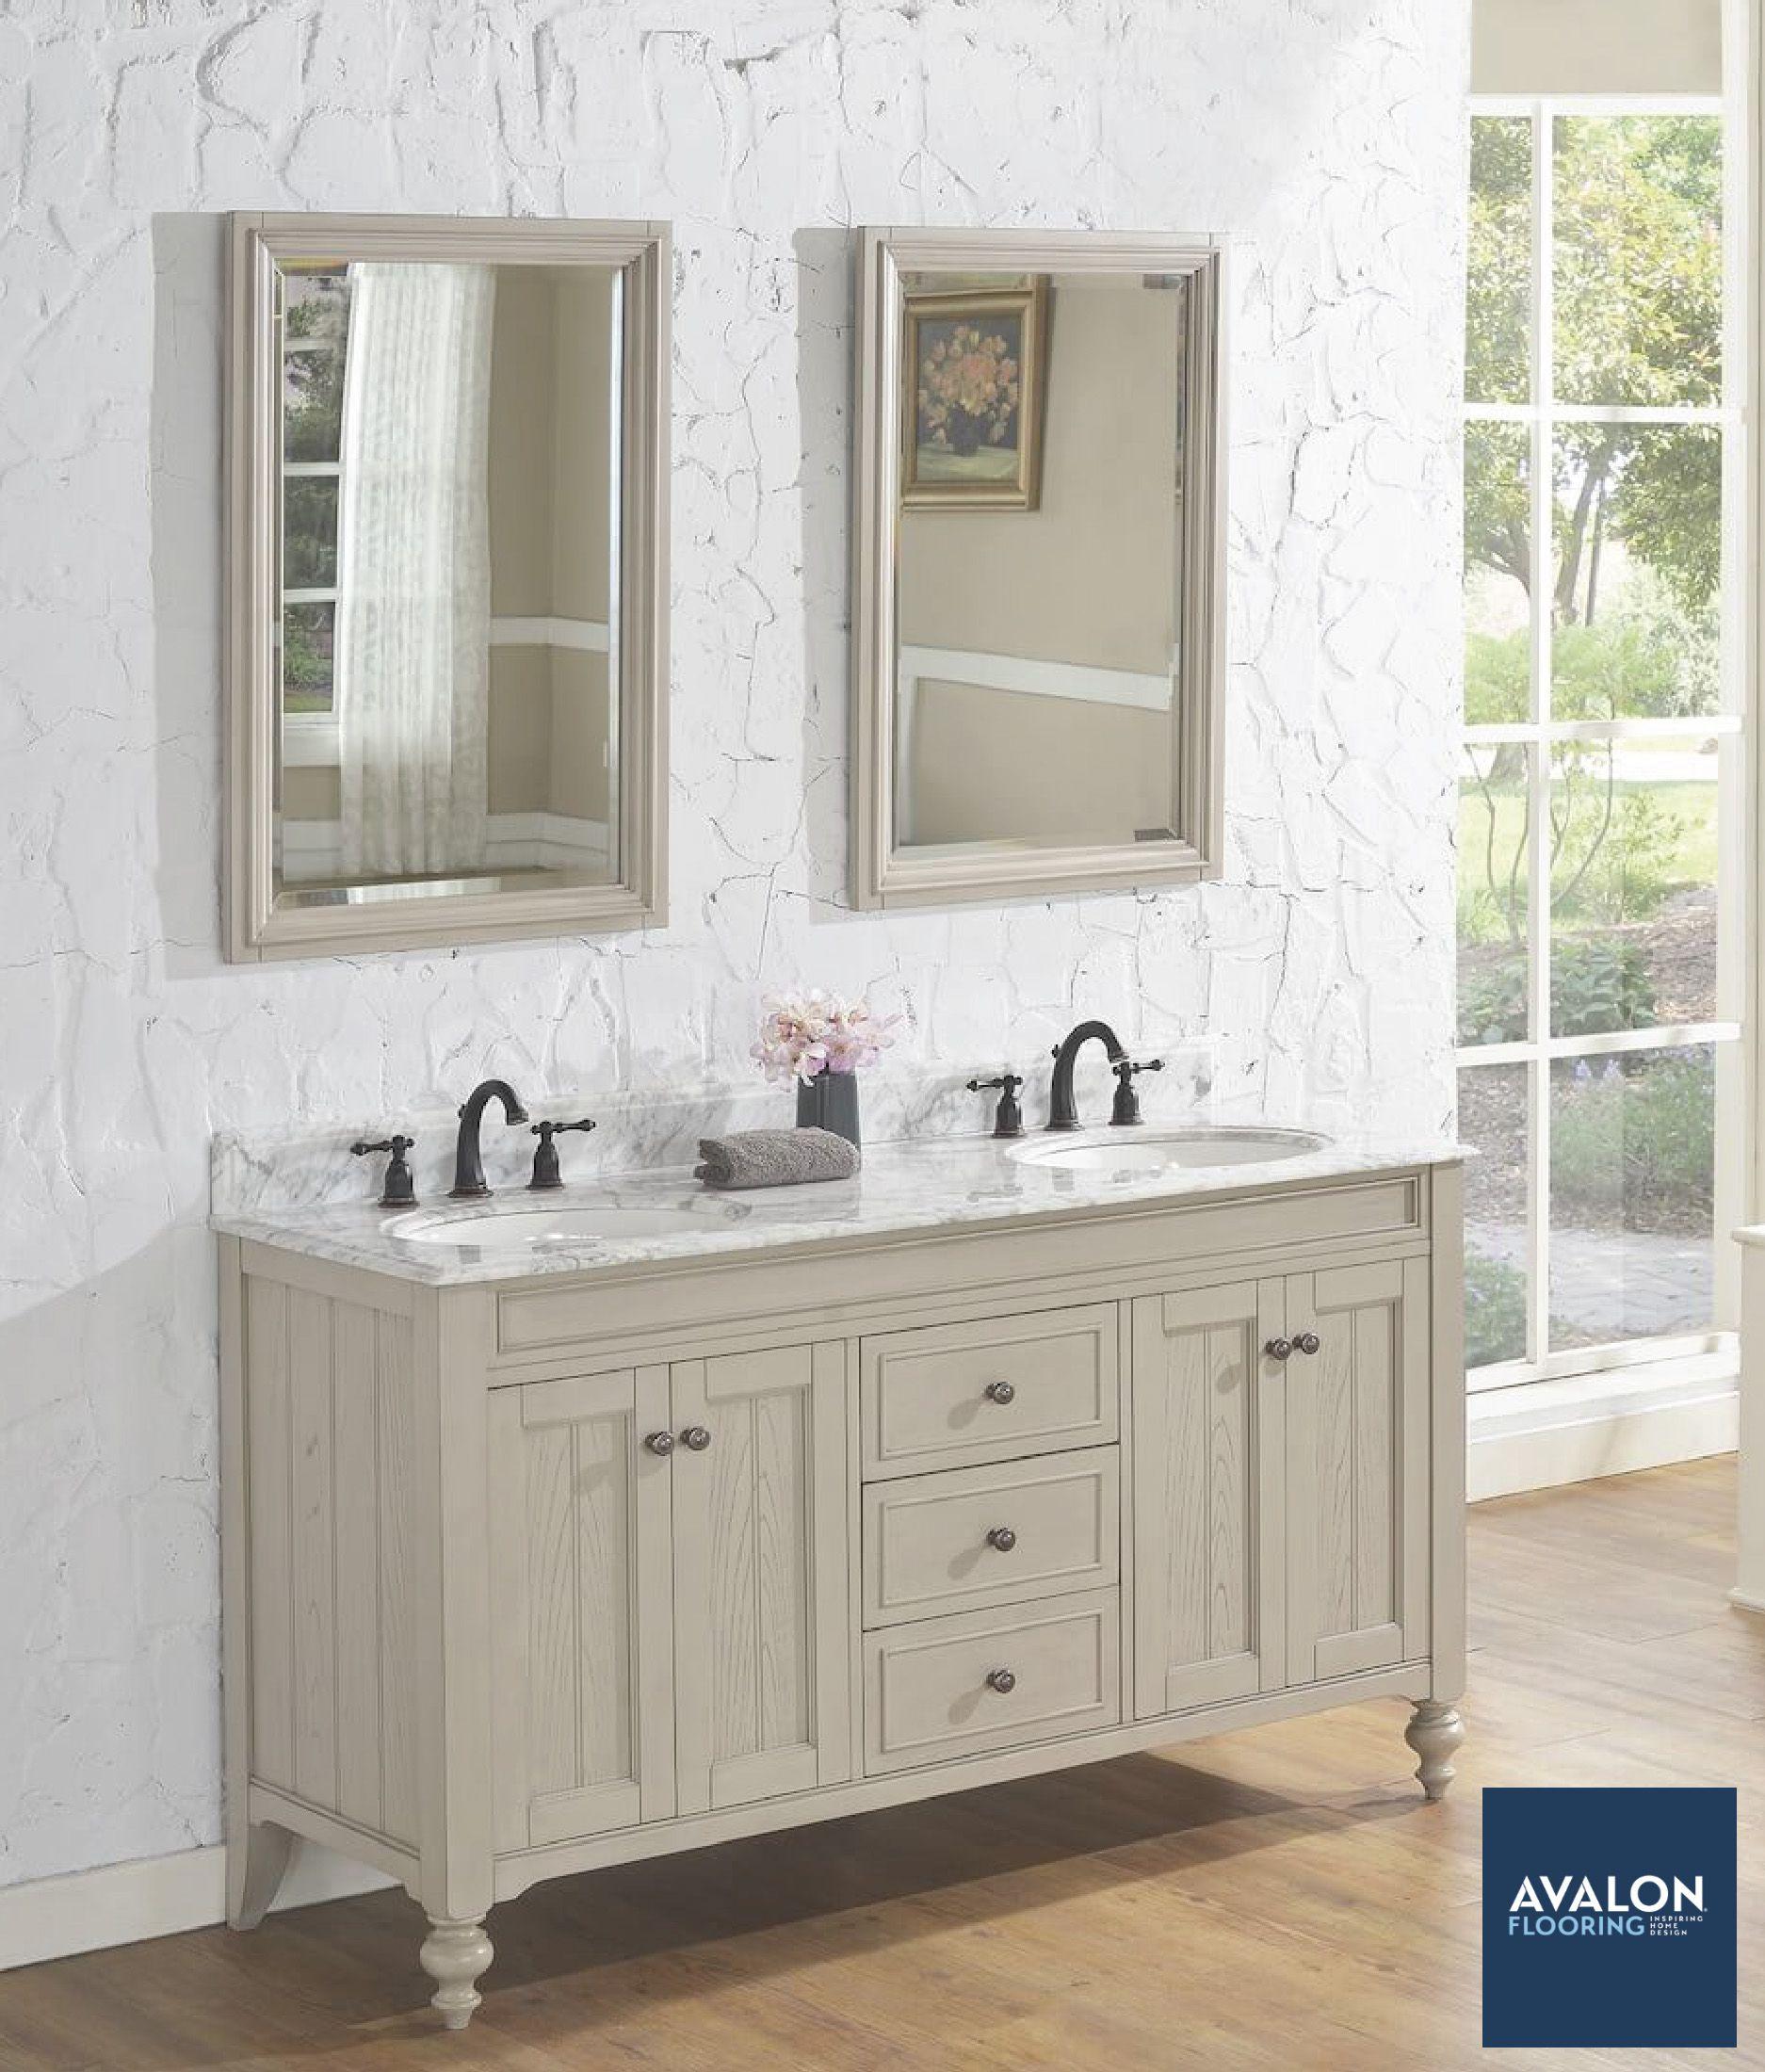 Double Sink Vanities Bathroom Vanity Maple Bathroom Vanity Traditional Bathroom Vanity